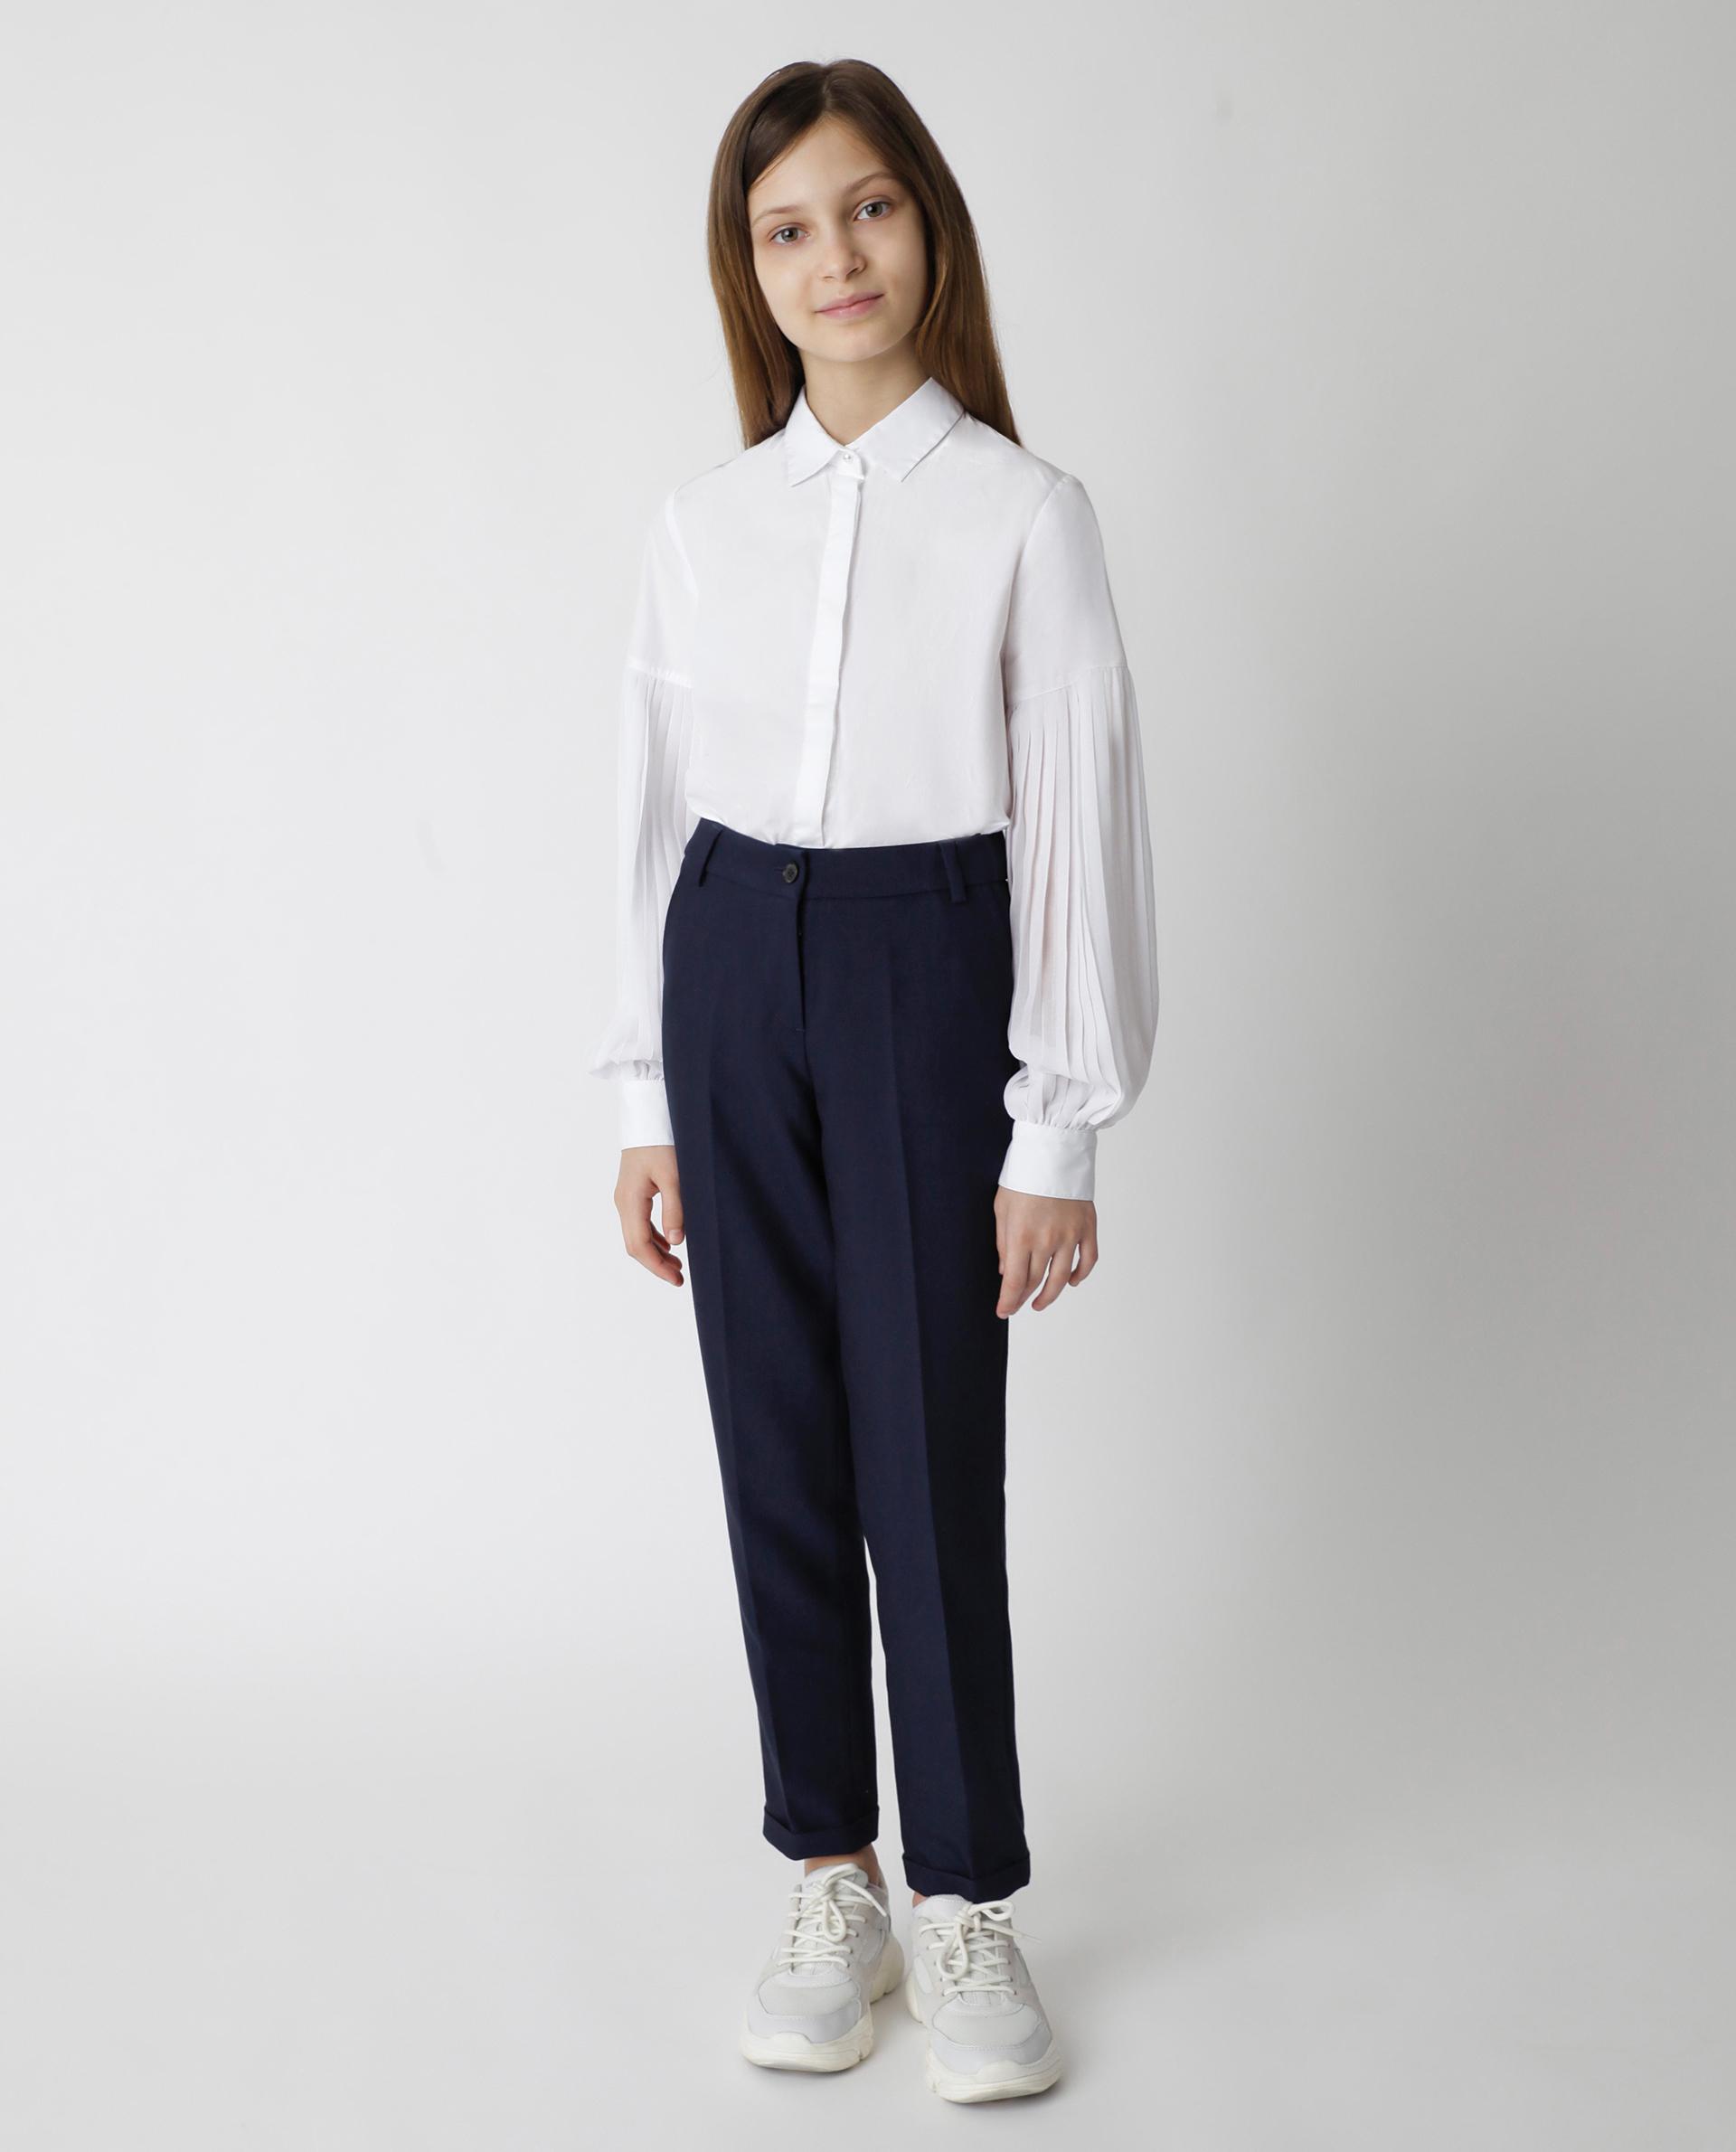 Купить 220GSGC6304, Синие брюки Gulliver, синий, 146, Женский, Демисезон, ШКОЛЬНАЯ ФОРМА 2020-2021 (shop: GulliverMarket Gulliver Market)